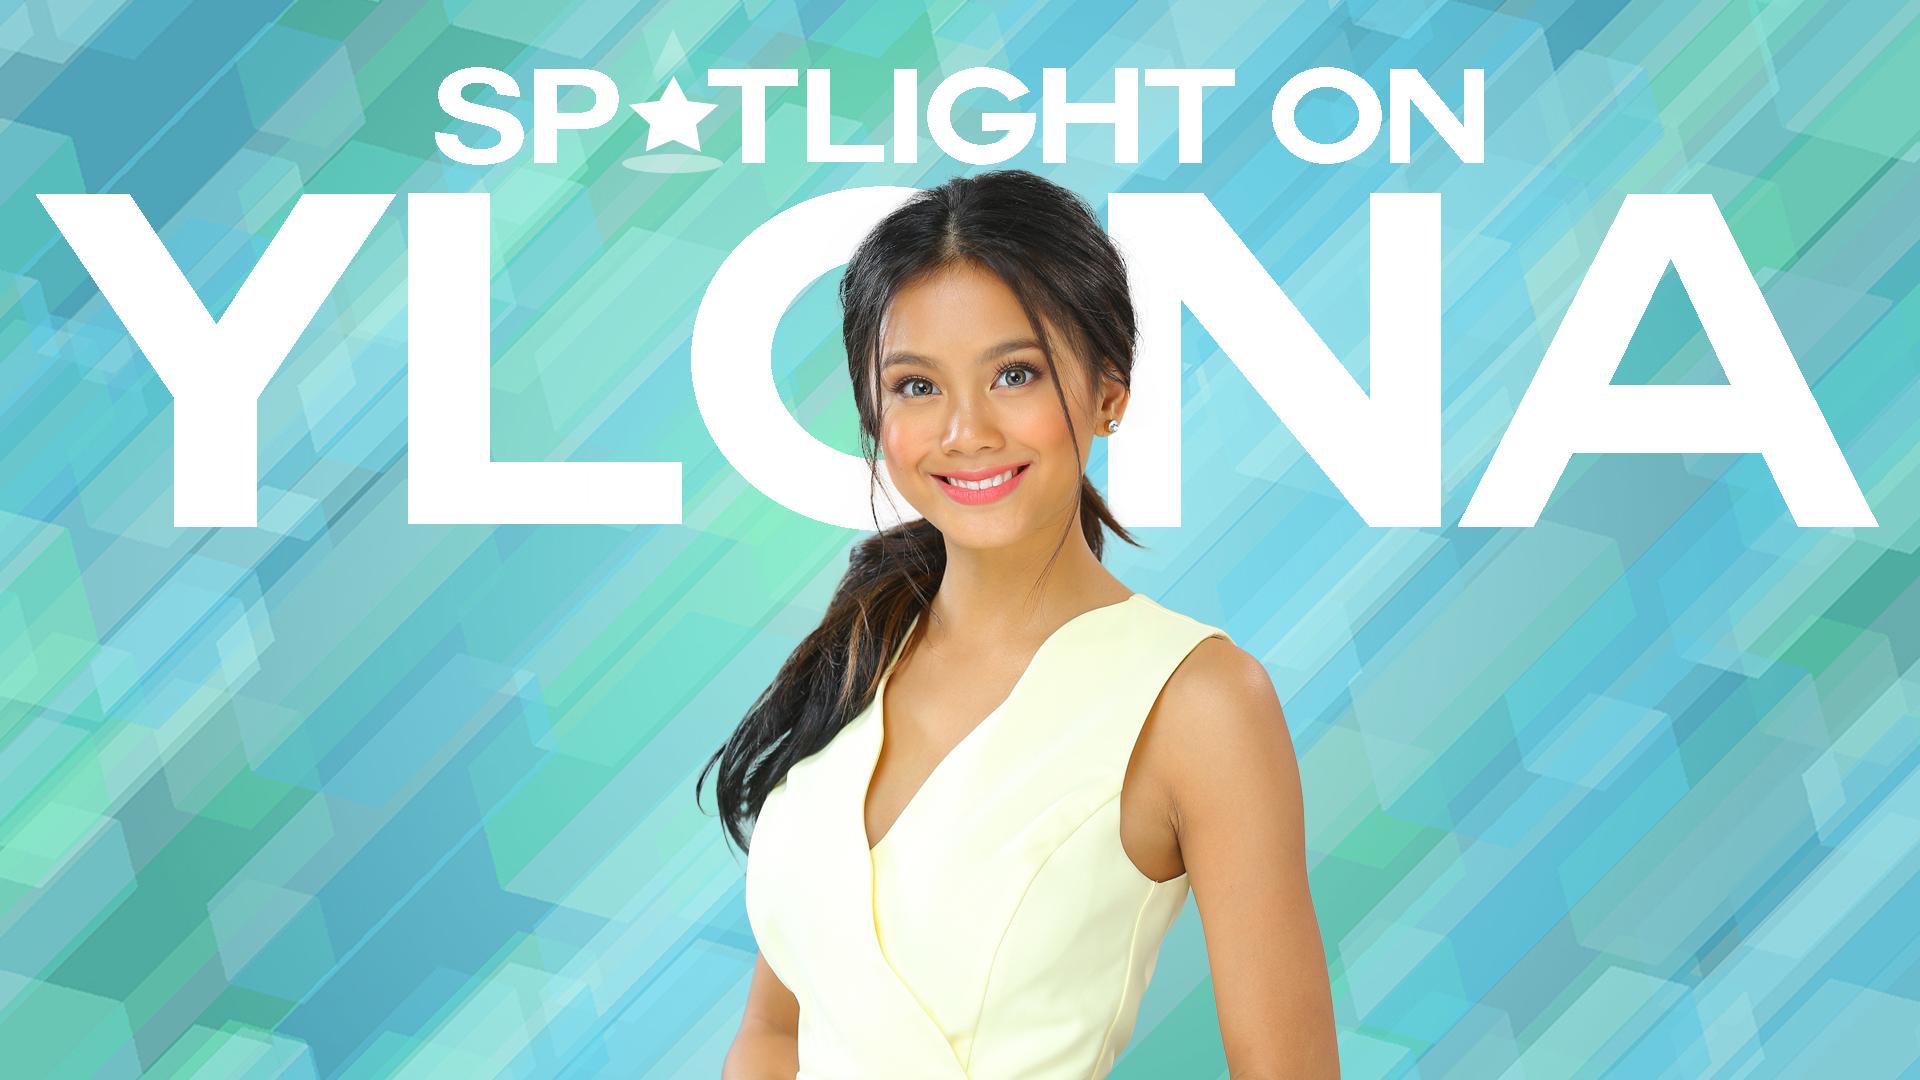 Spotlight on Ylona Post 7